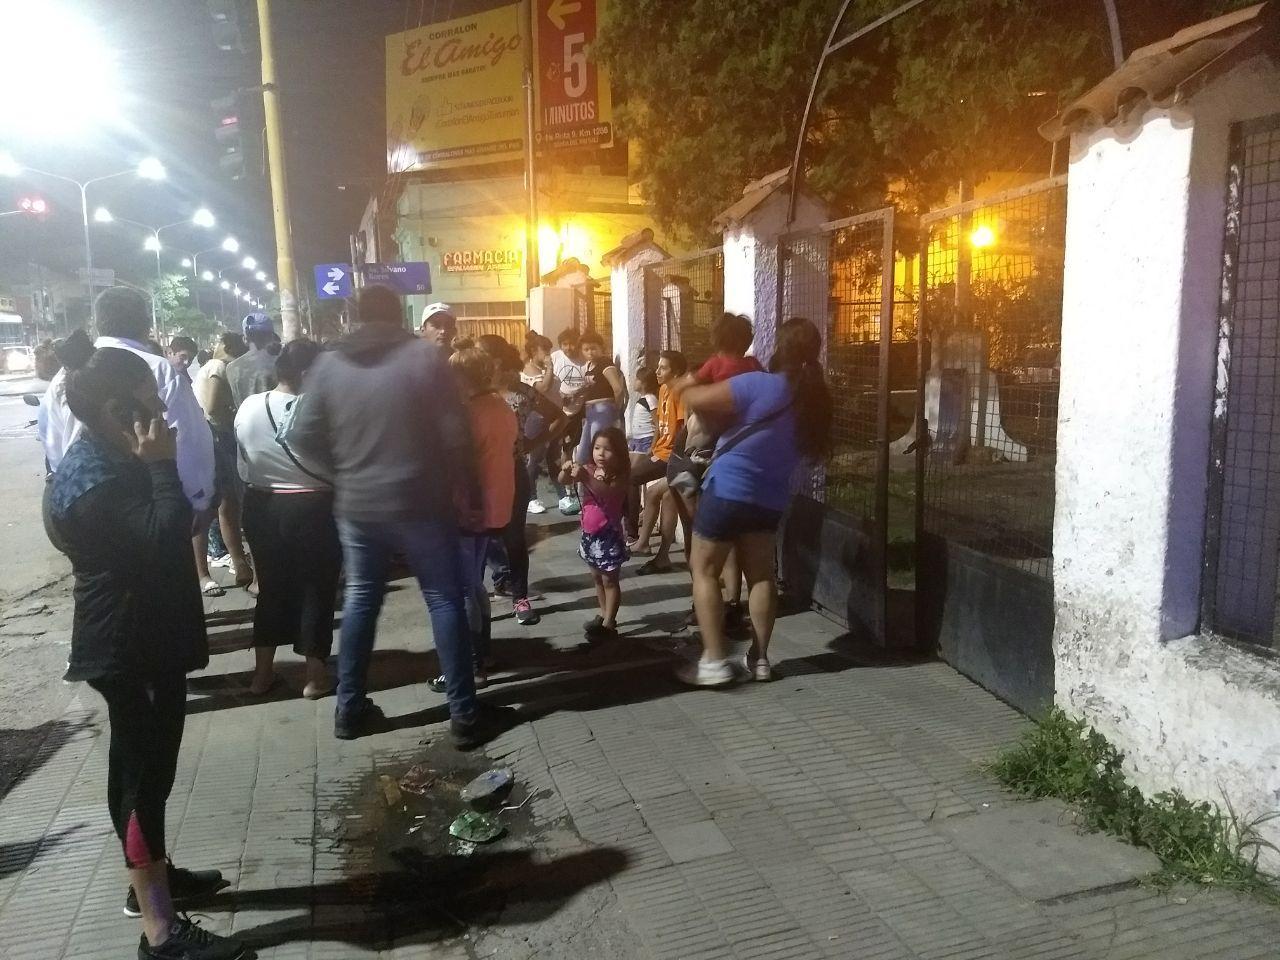 Los familiares de los internos empujaron las puertas de la comisaría. LA GACETA / Valentina Sadir